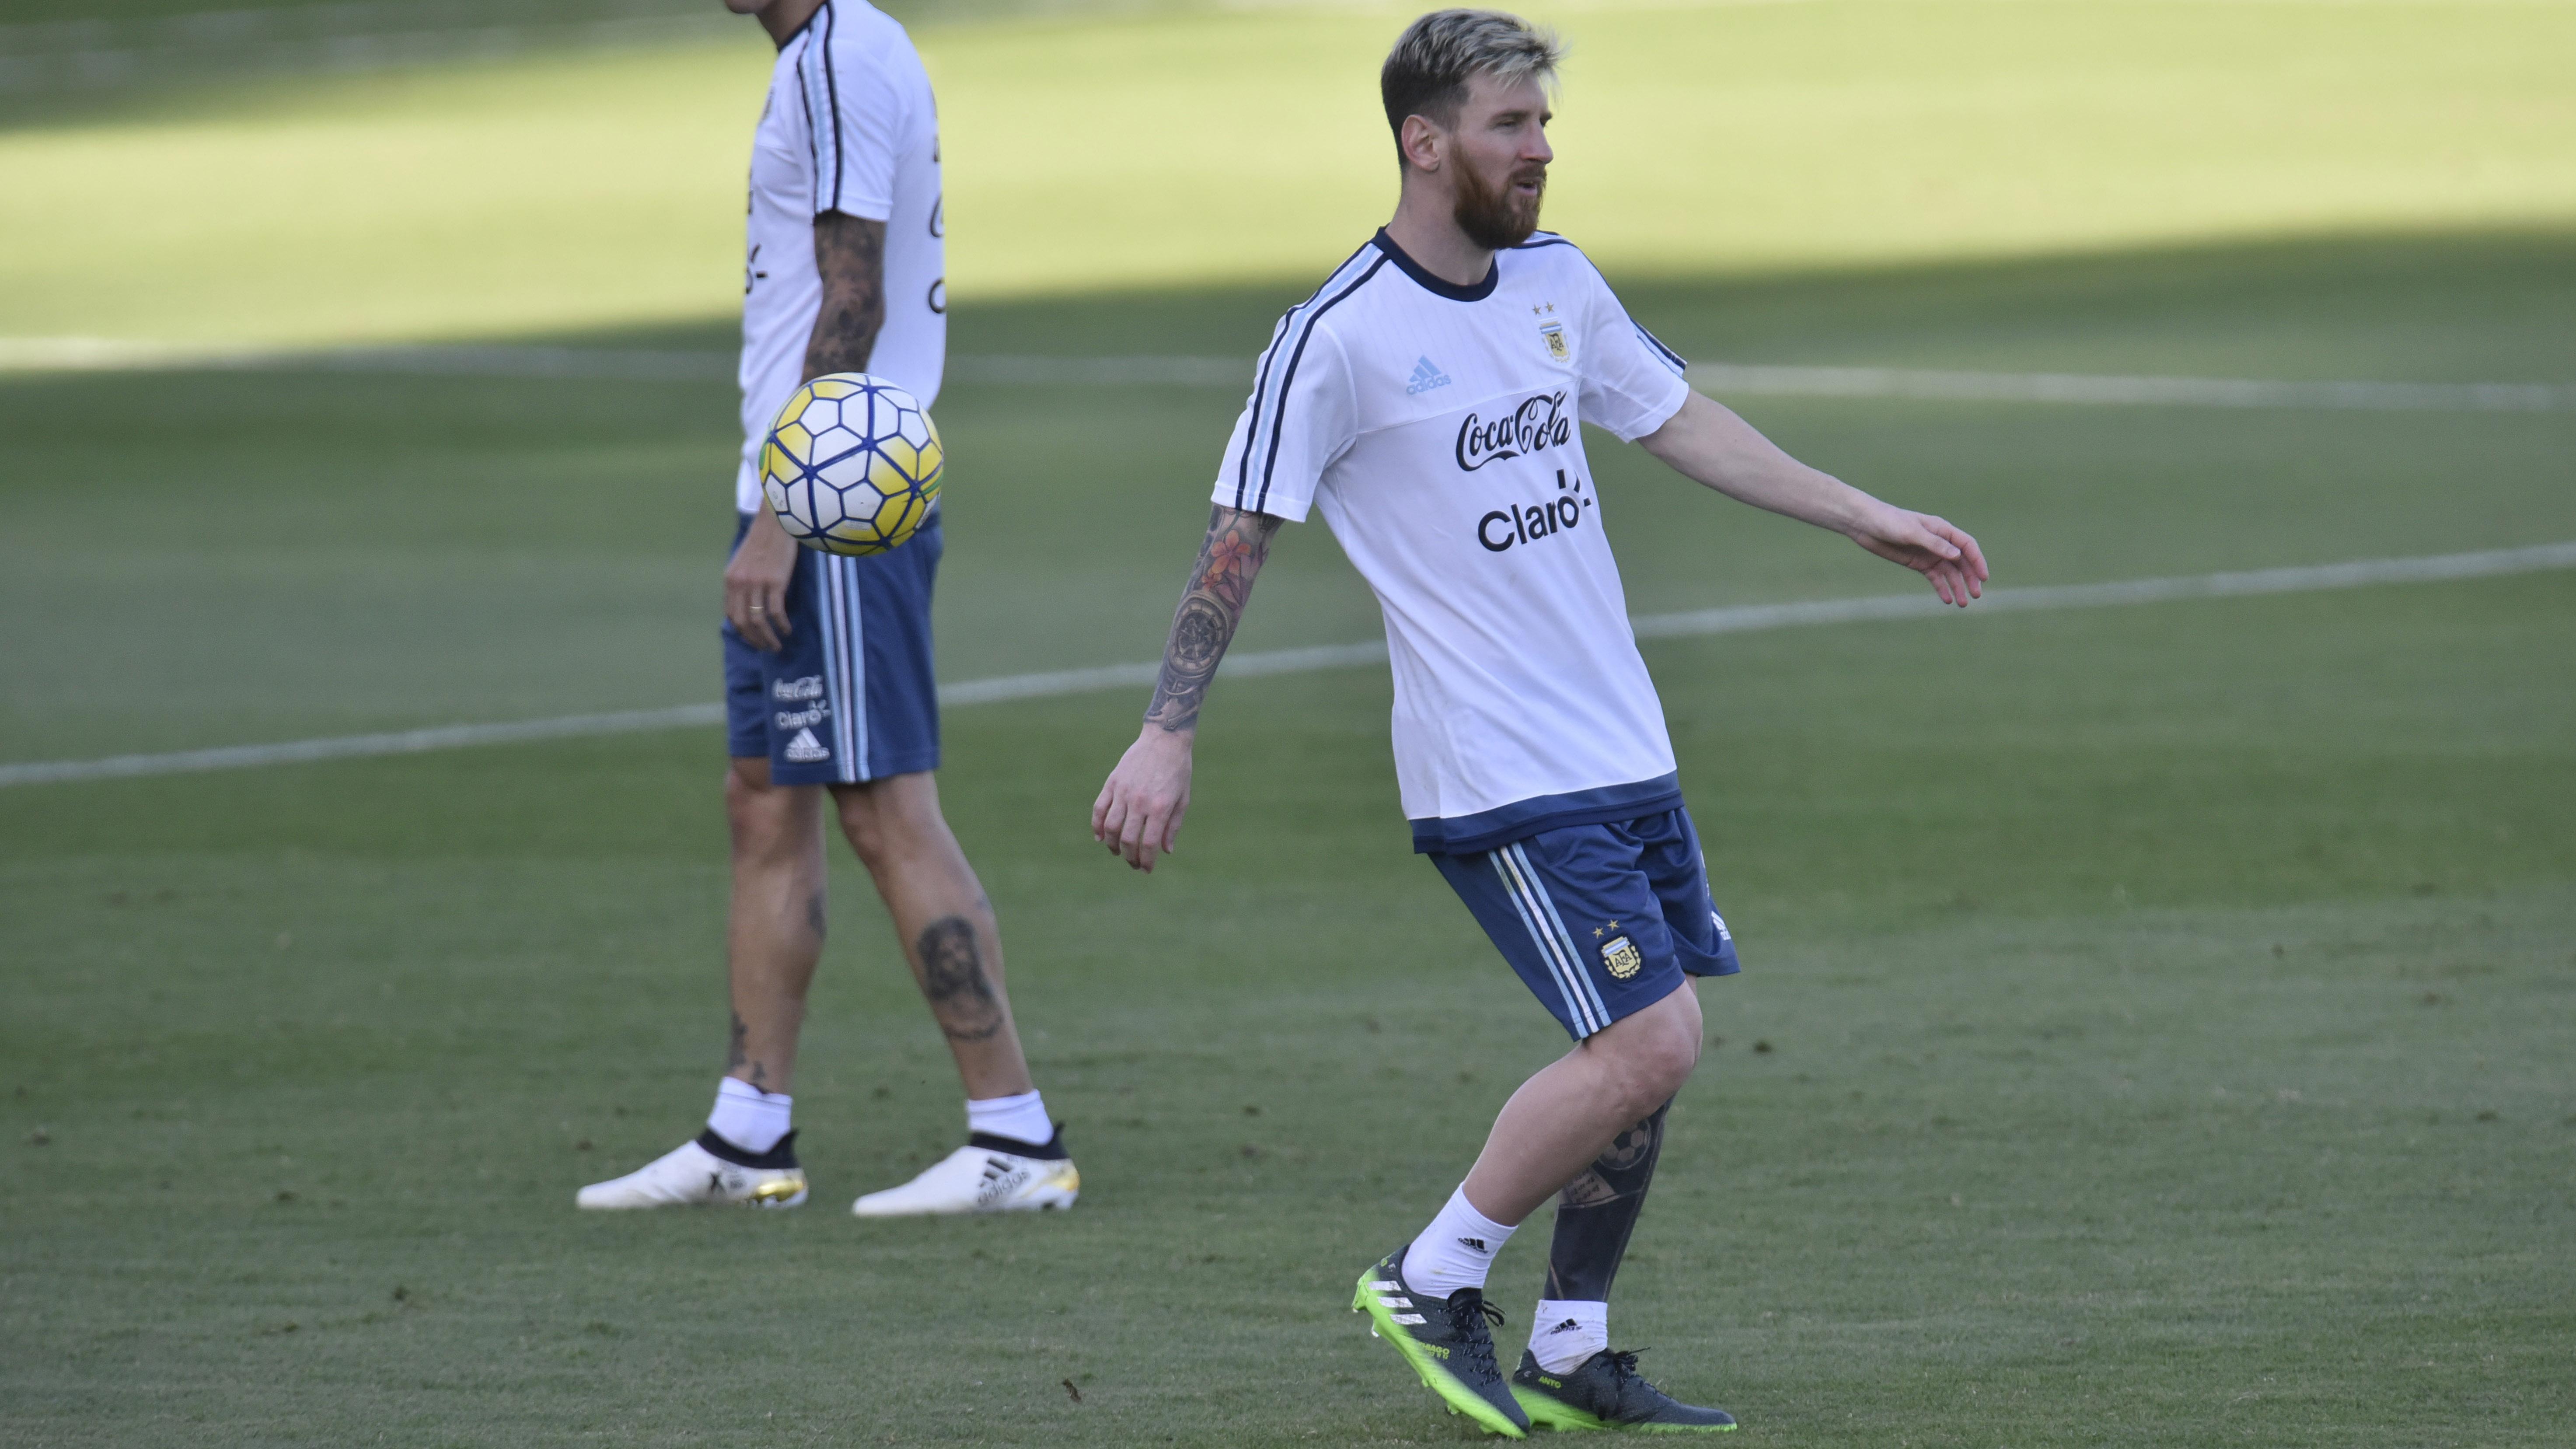 Messi S Tattoos: Lionel Messi Tattoo: Barcelona Star's New Leg Ink